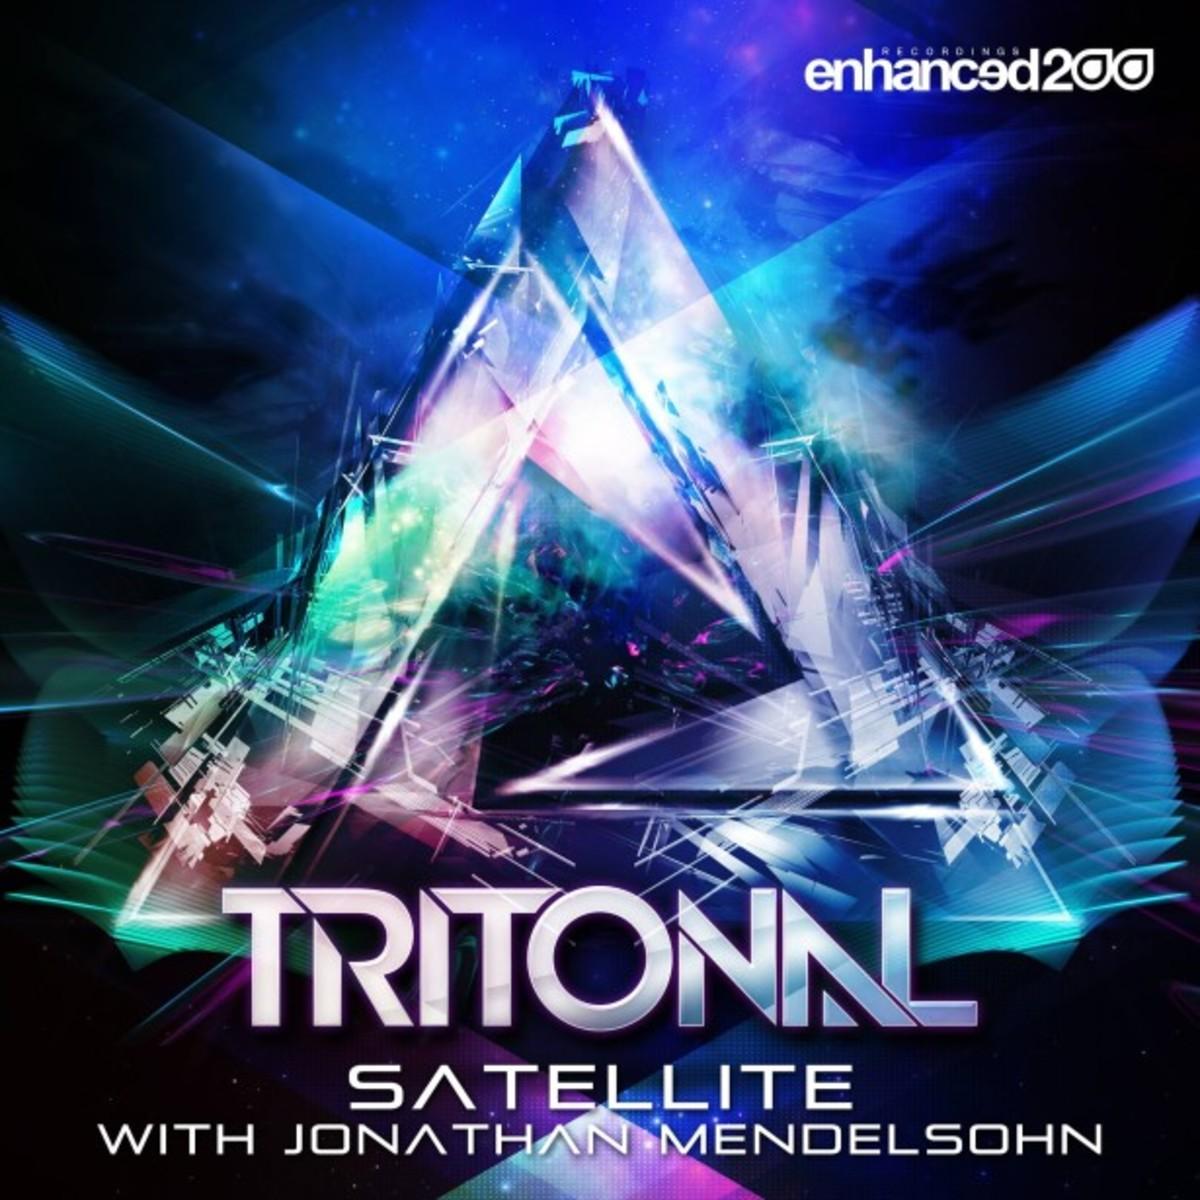 Tritonal - Satellite